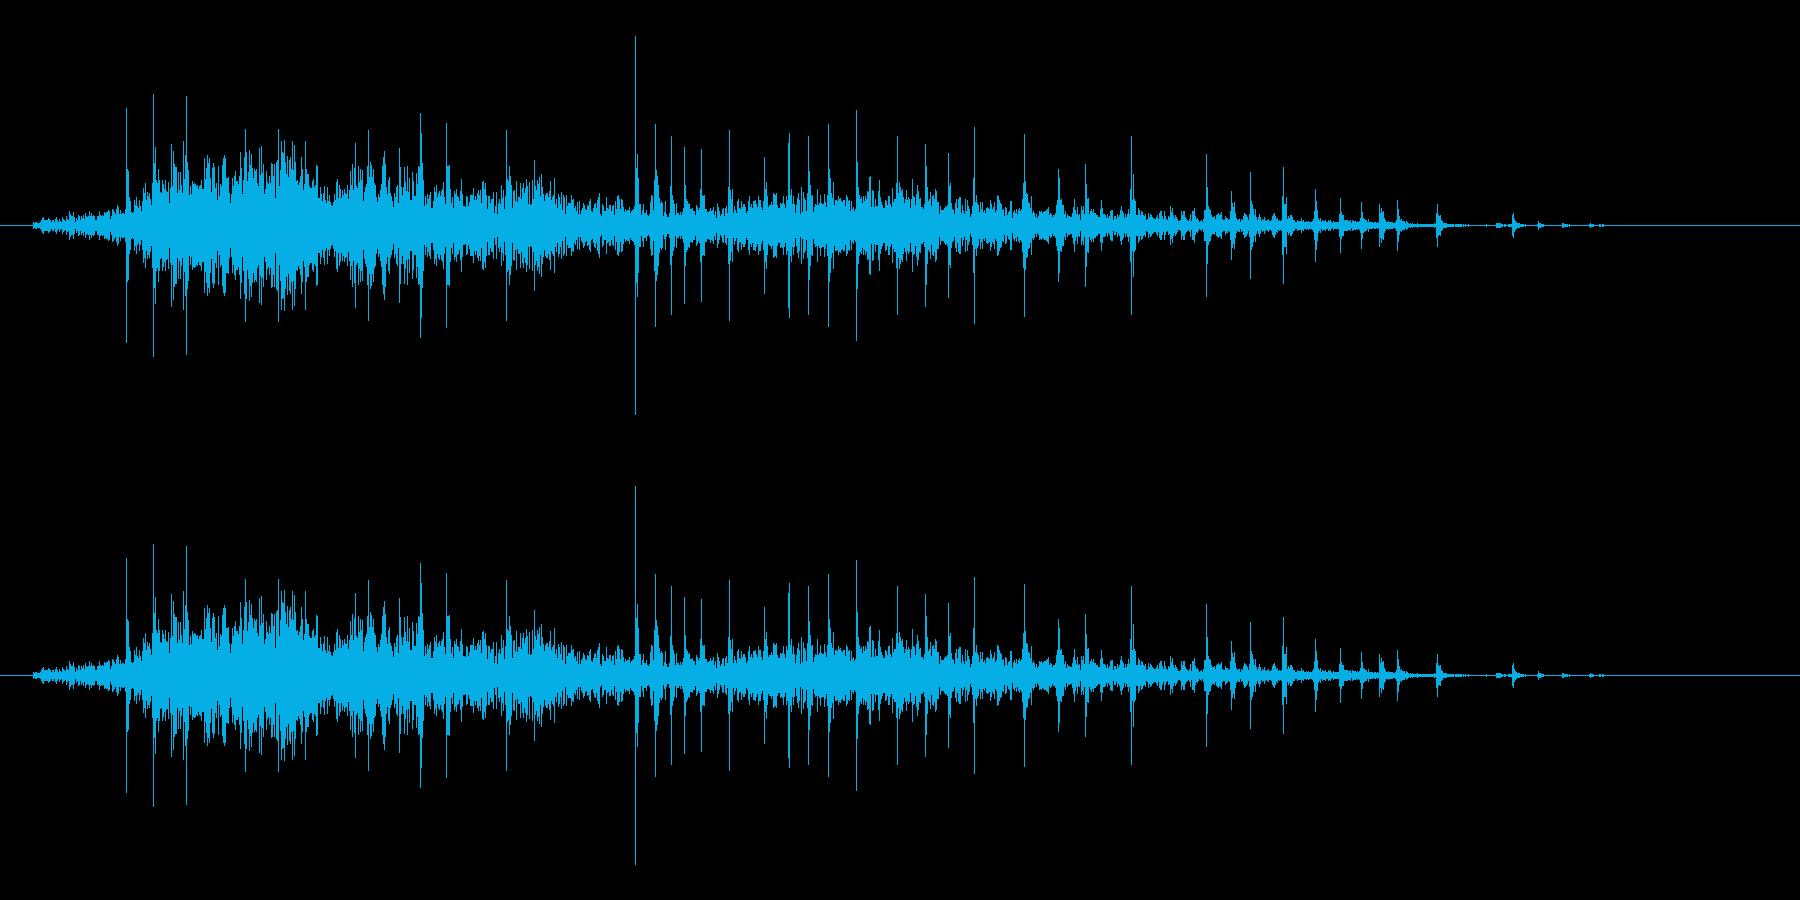 弓をひく効果音(木製、弓矢、きしみ等)3の再生済みの波形